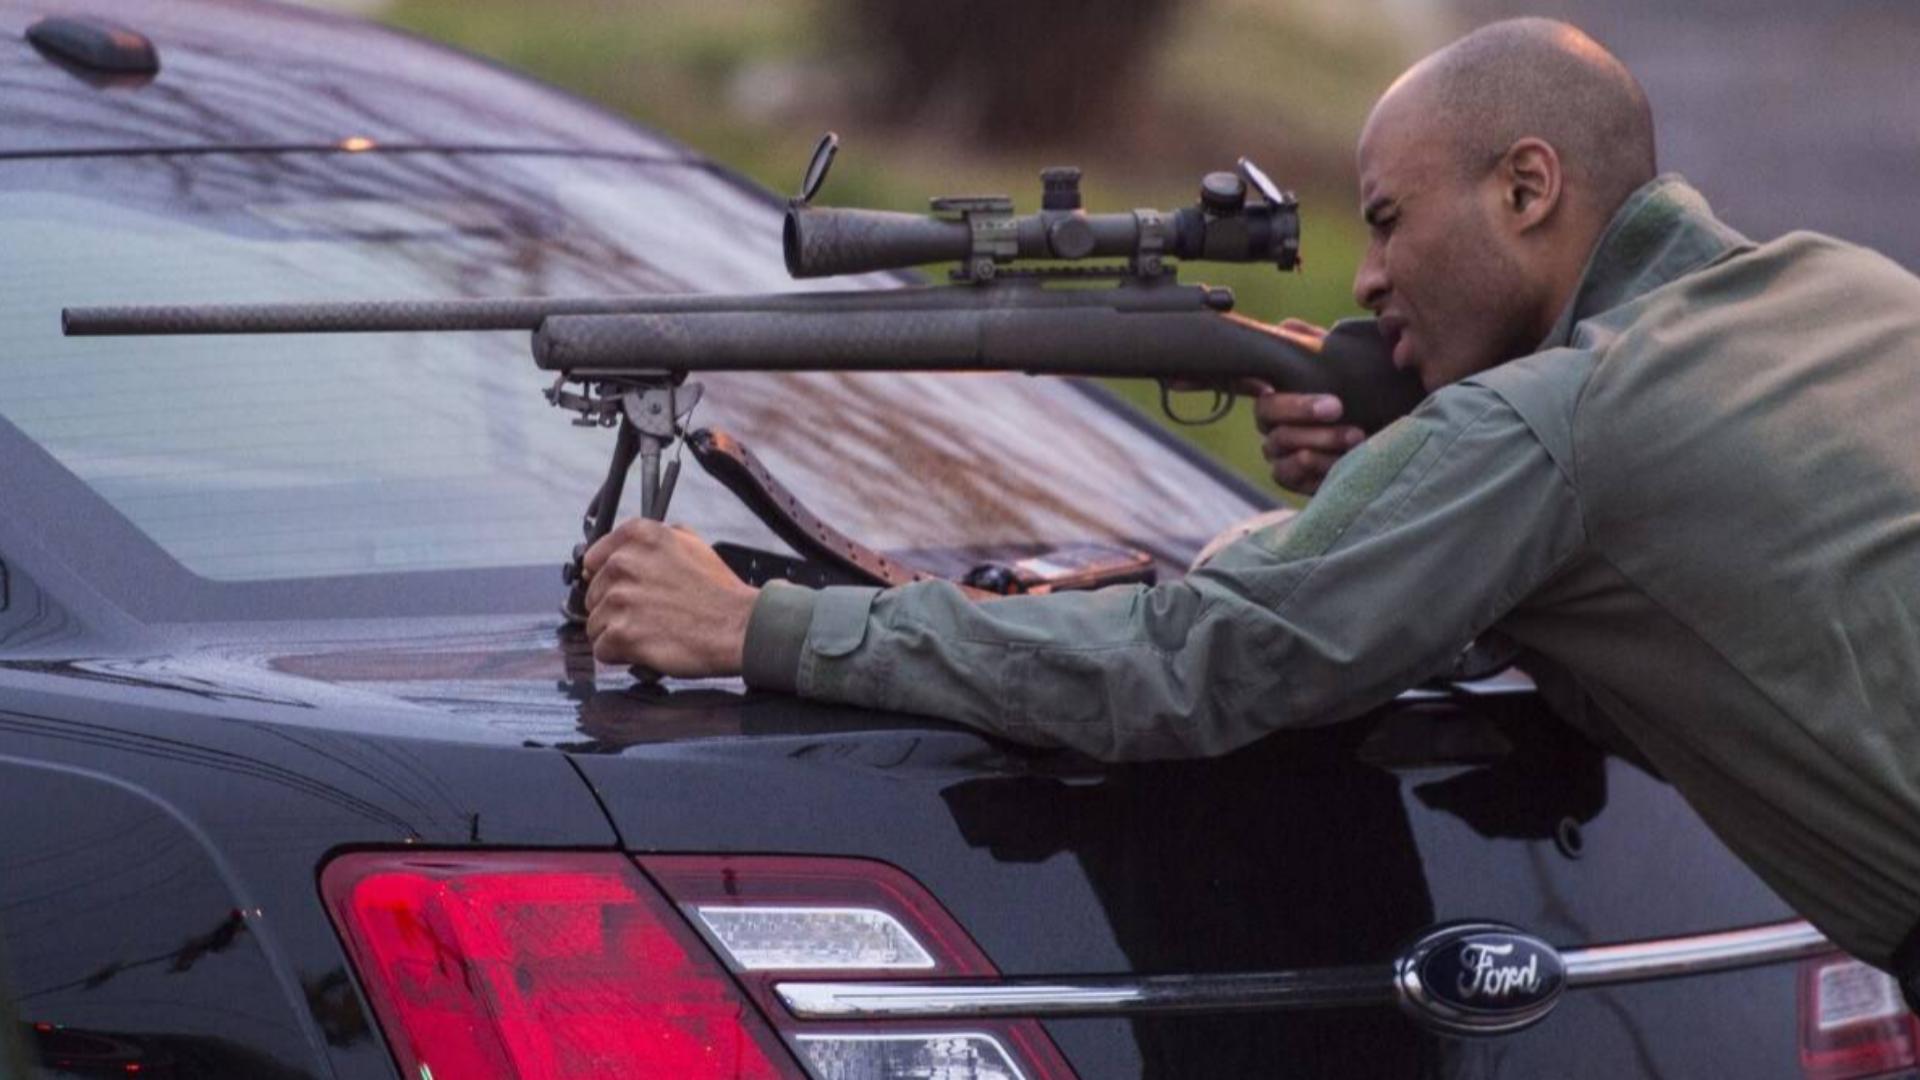 美国警察也有怂的时候?俩劫匪带3000发子弹,打的警察怀疑人生